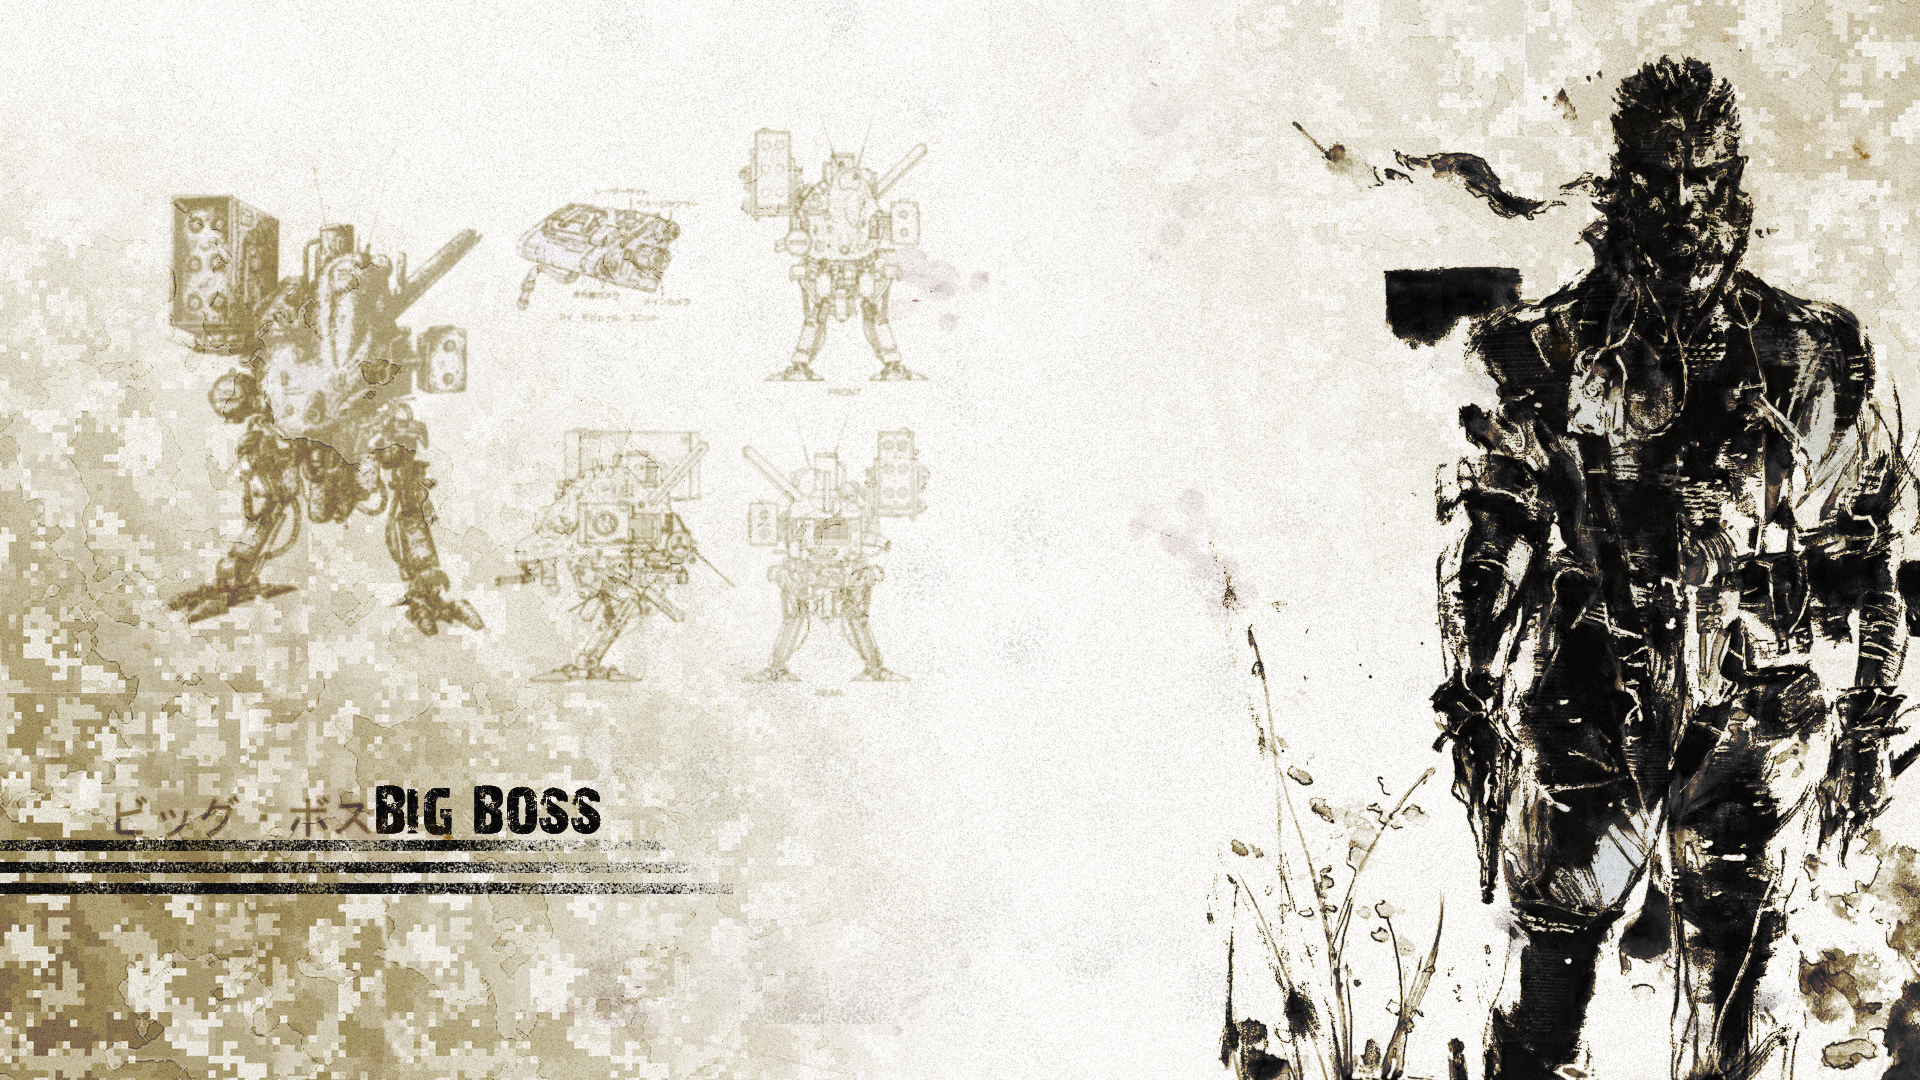 Big Boss Mgs Wallpaper 1920x1080 By Harmpie On Deviantart